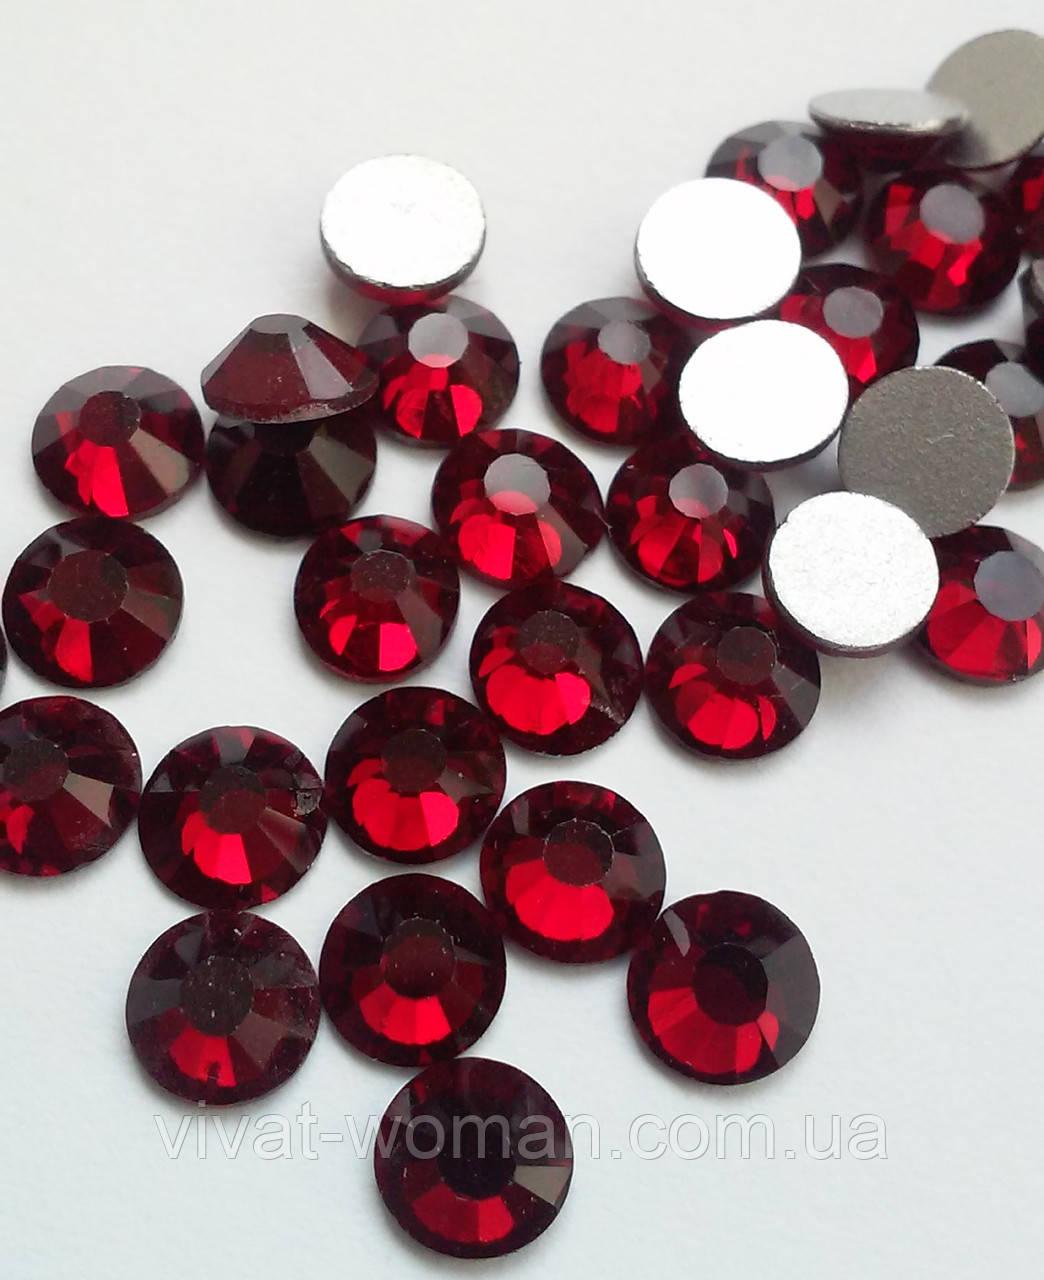 Стразы Dk.Siam (бордовый) SS16 холодной фиксации. Цена за 144 шт